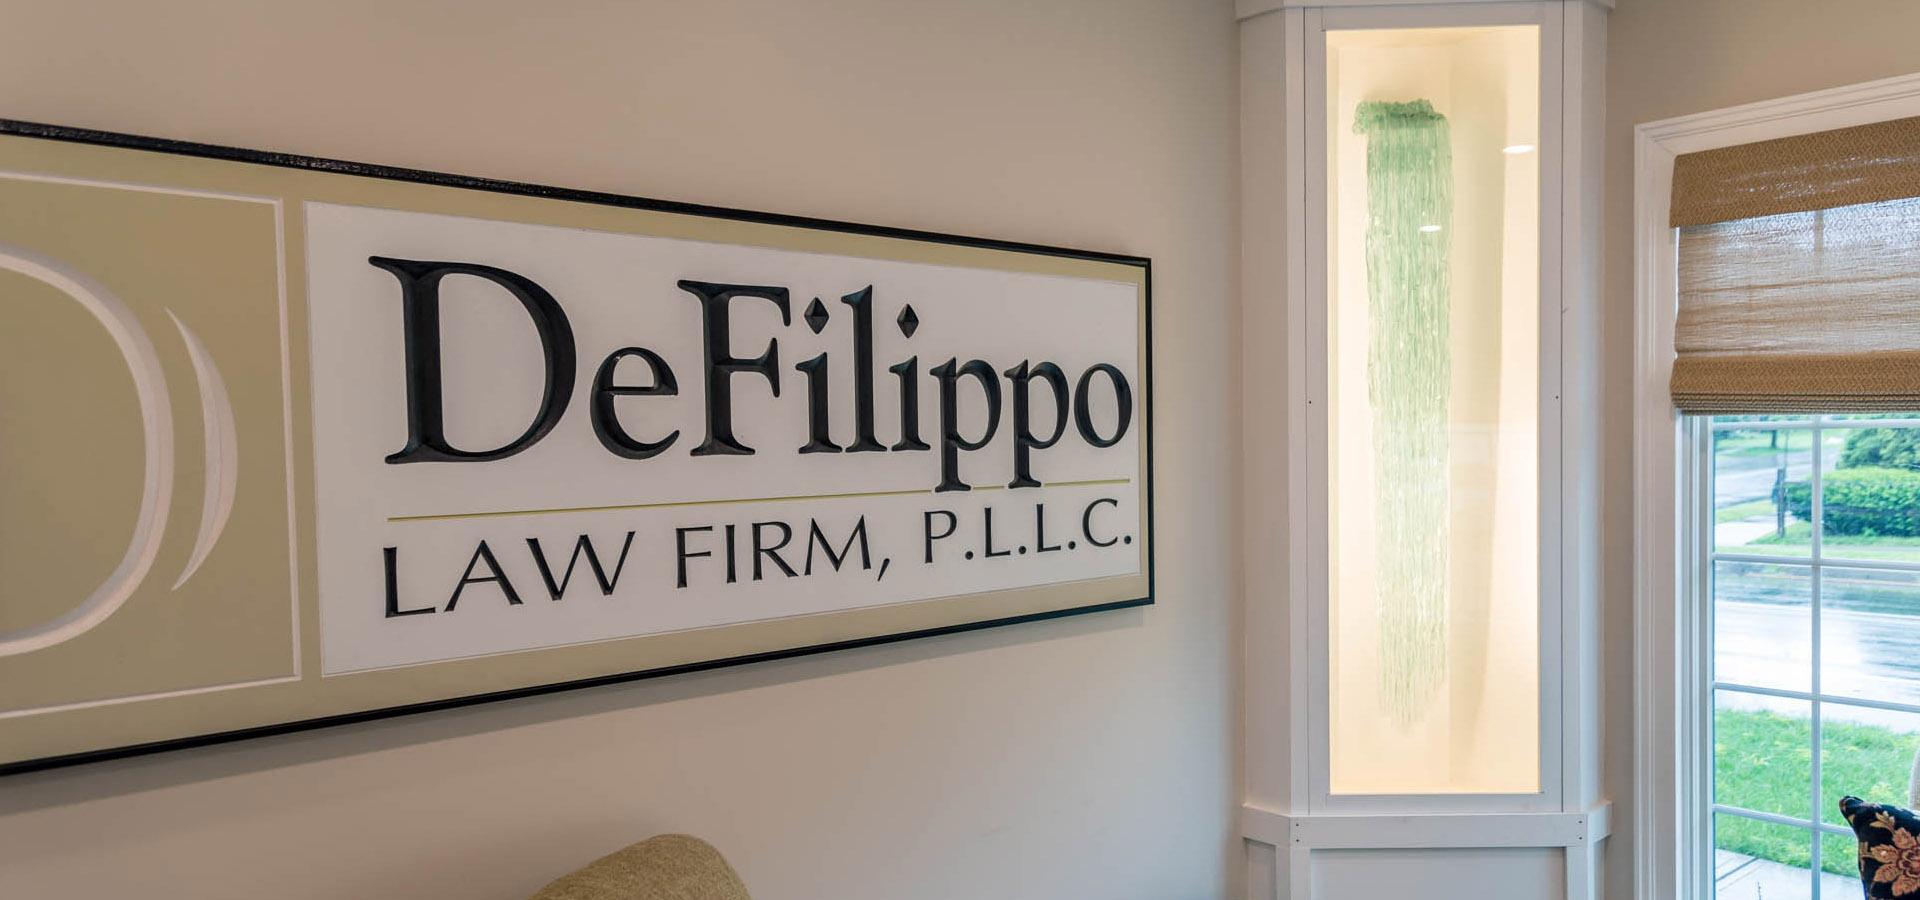 defilippo-law-elmira-ny-lobby.jpg